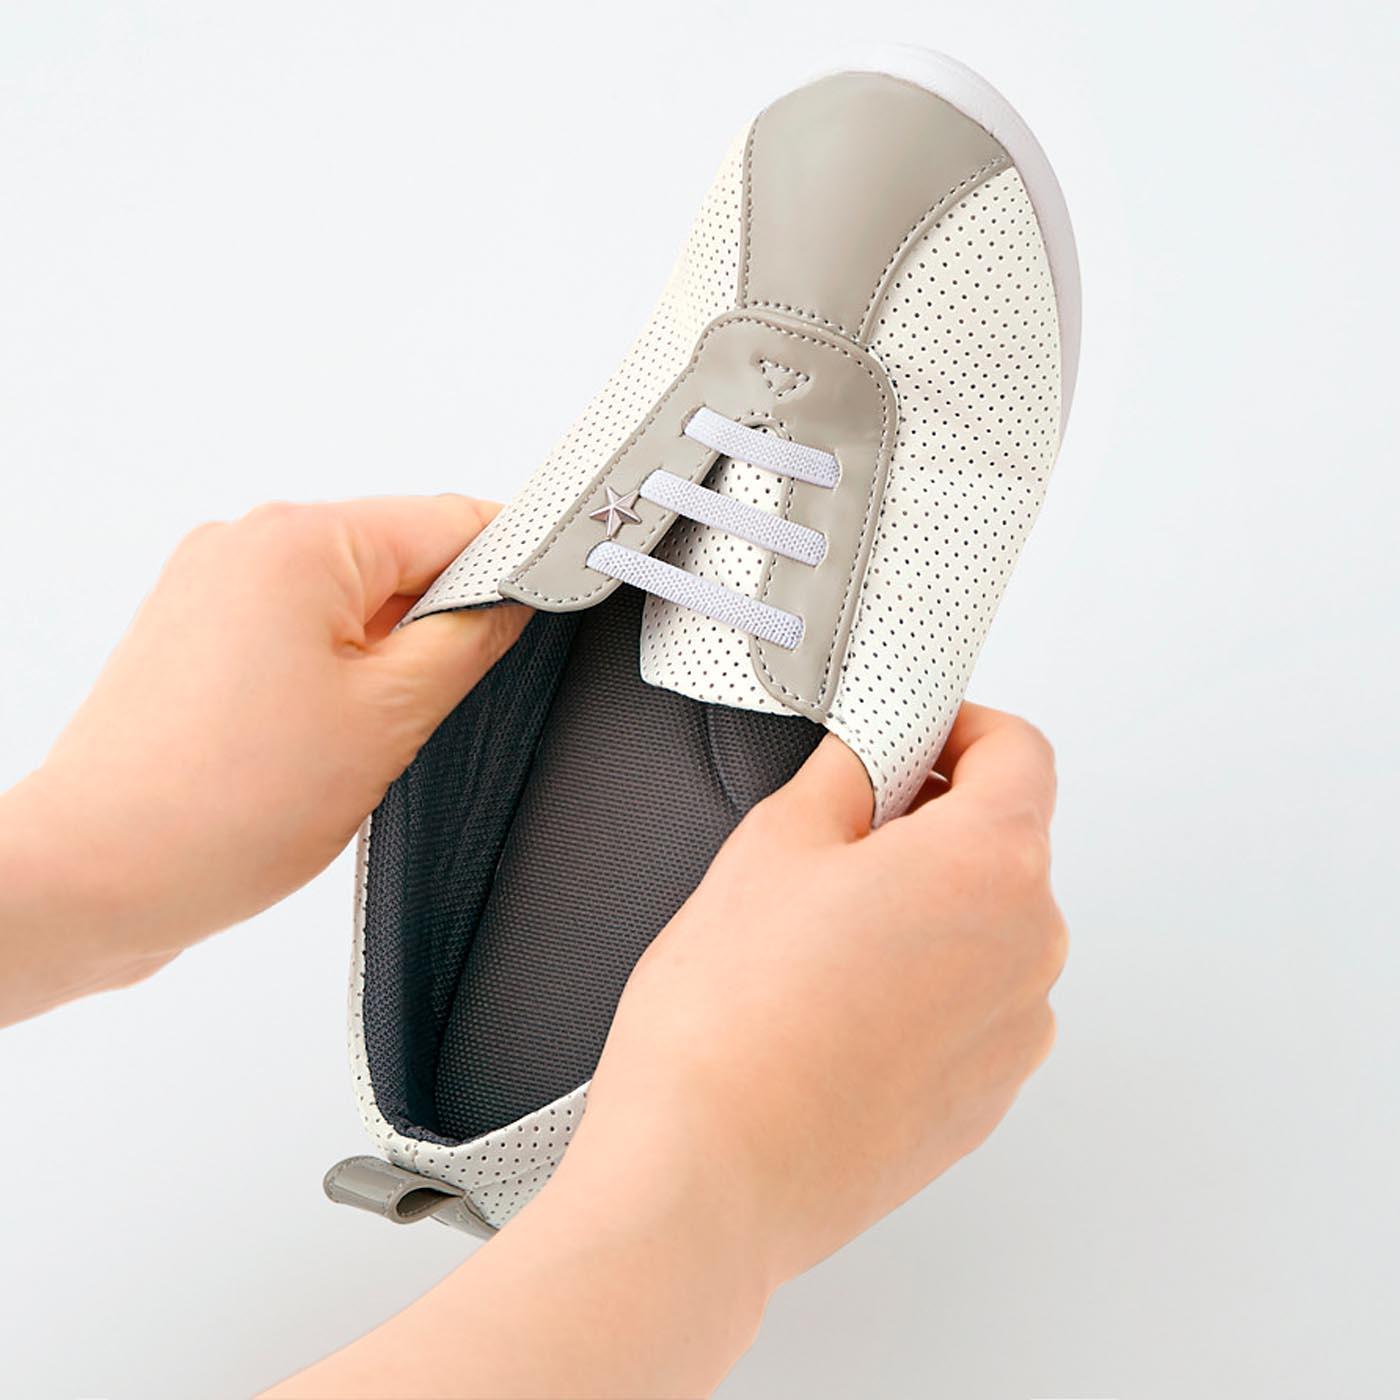 [ブラック・ホワイト共通]伸縮性のあるゴムひもで脱ぎ履きもスムーズ。スッと履けます。